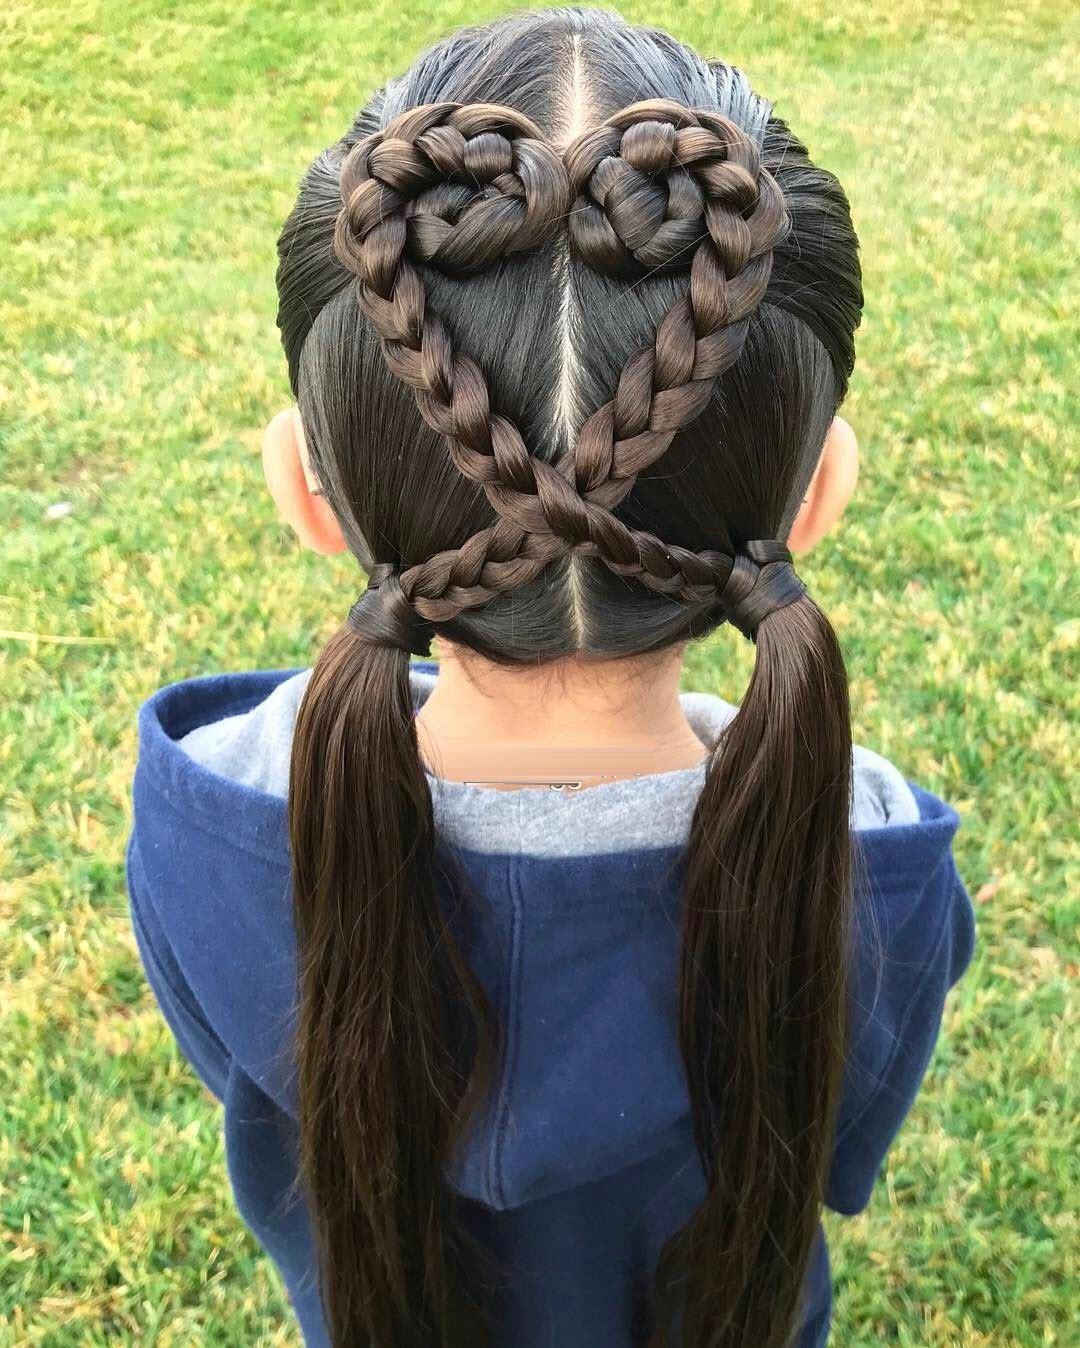 Kiểu buộc tóc hình trái tim cho bé đẹp nhất